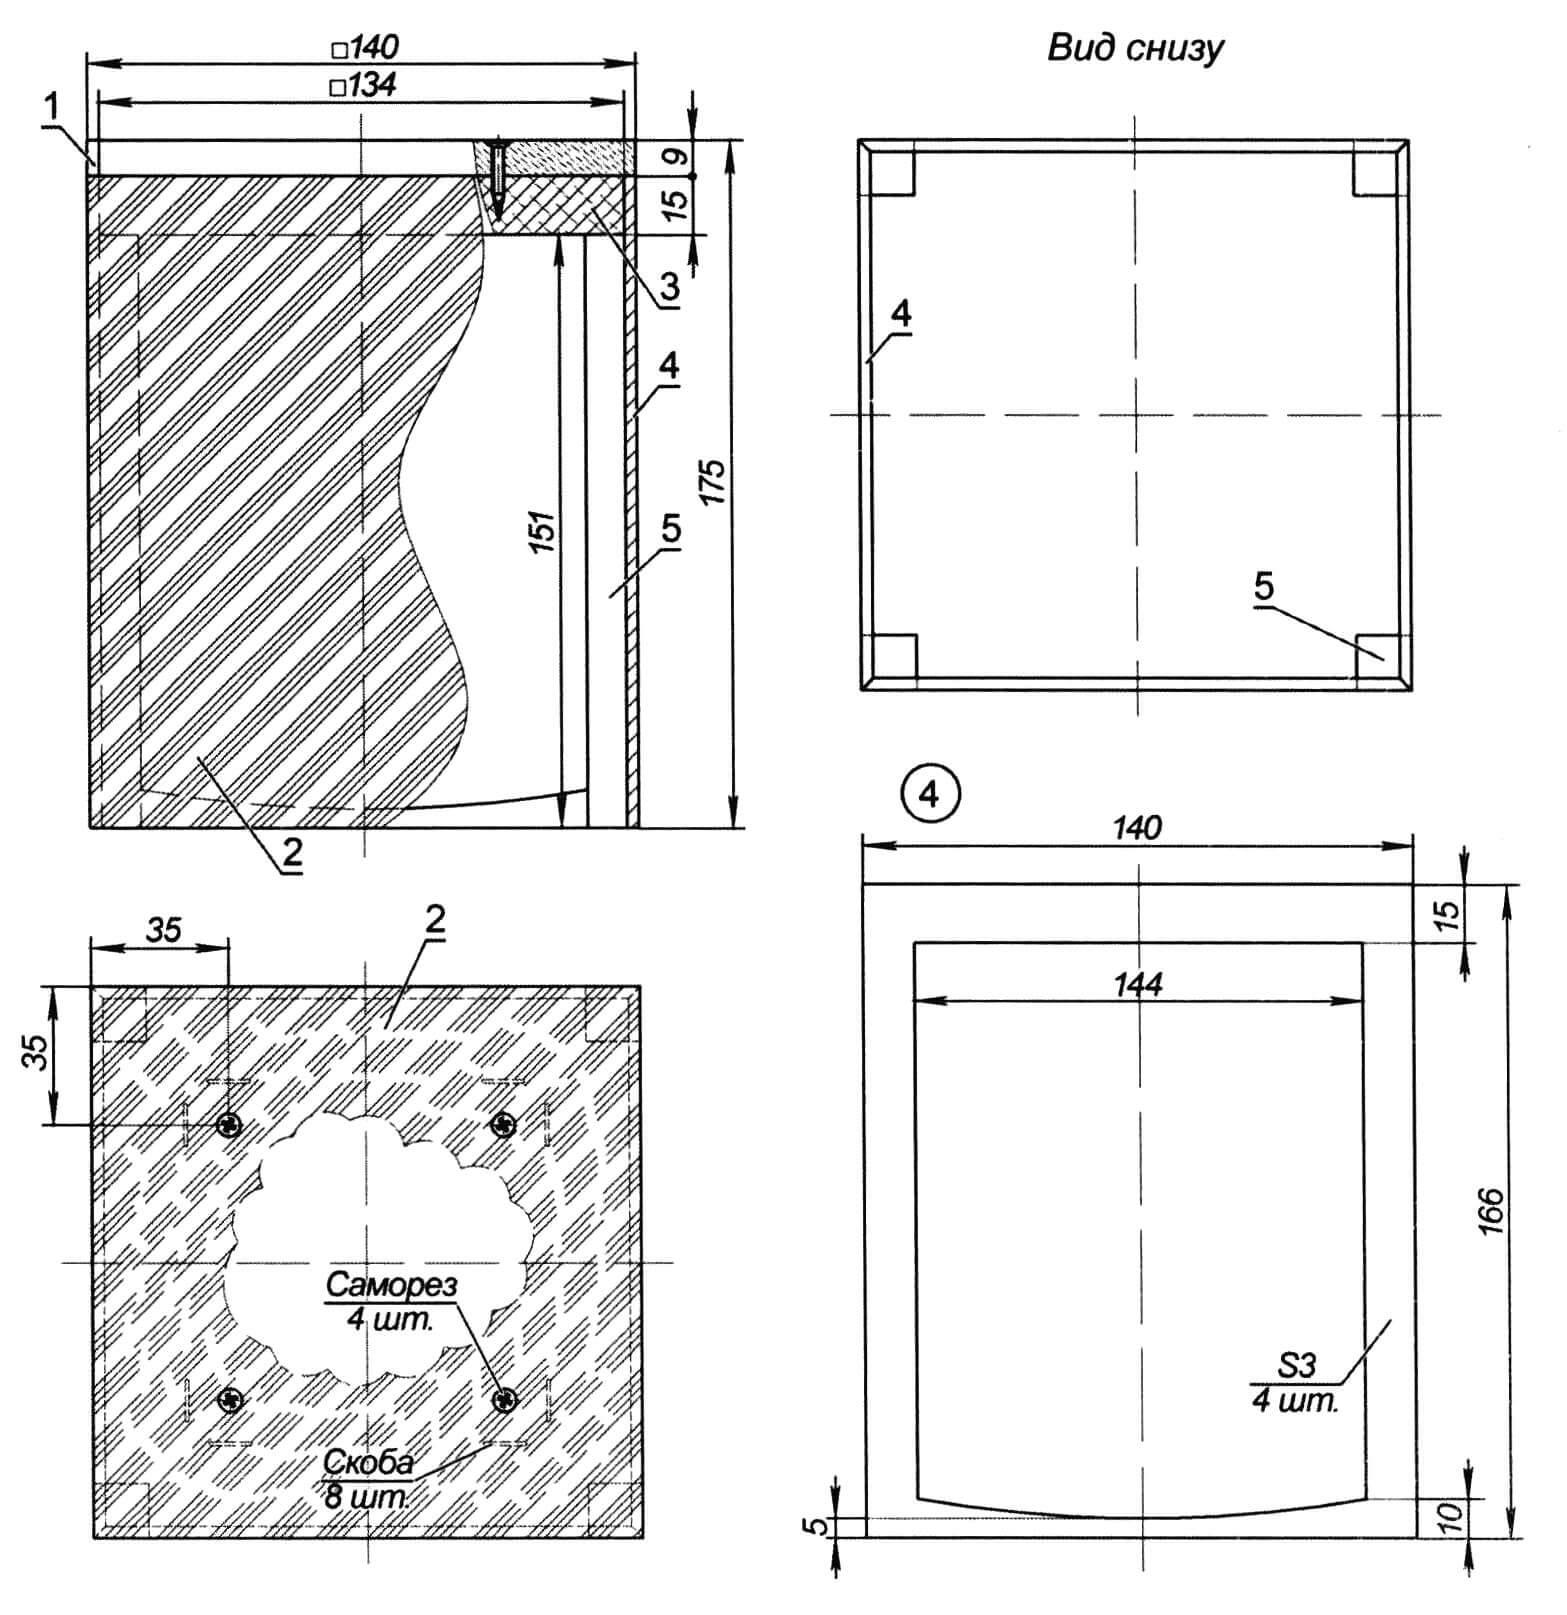 Колпак: 1 - крышка (фанера); 2 - капрон; 3 - основание (фанера); 4 - стенка (фанера, 4 шт.); 5 - брусок 11x11 мм (сосна)